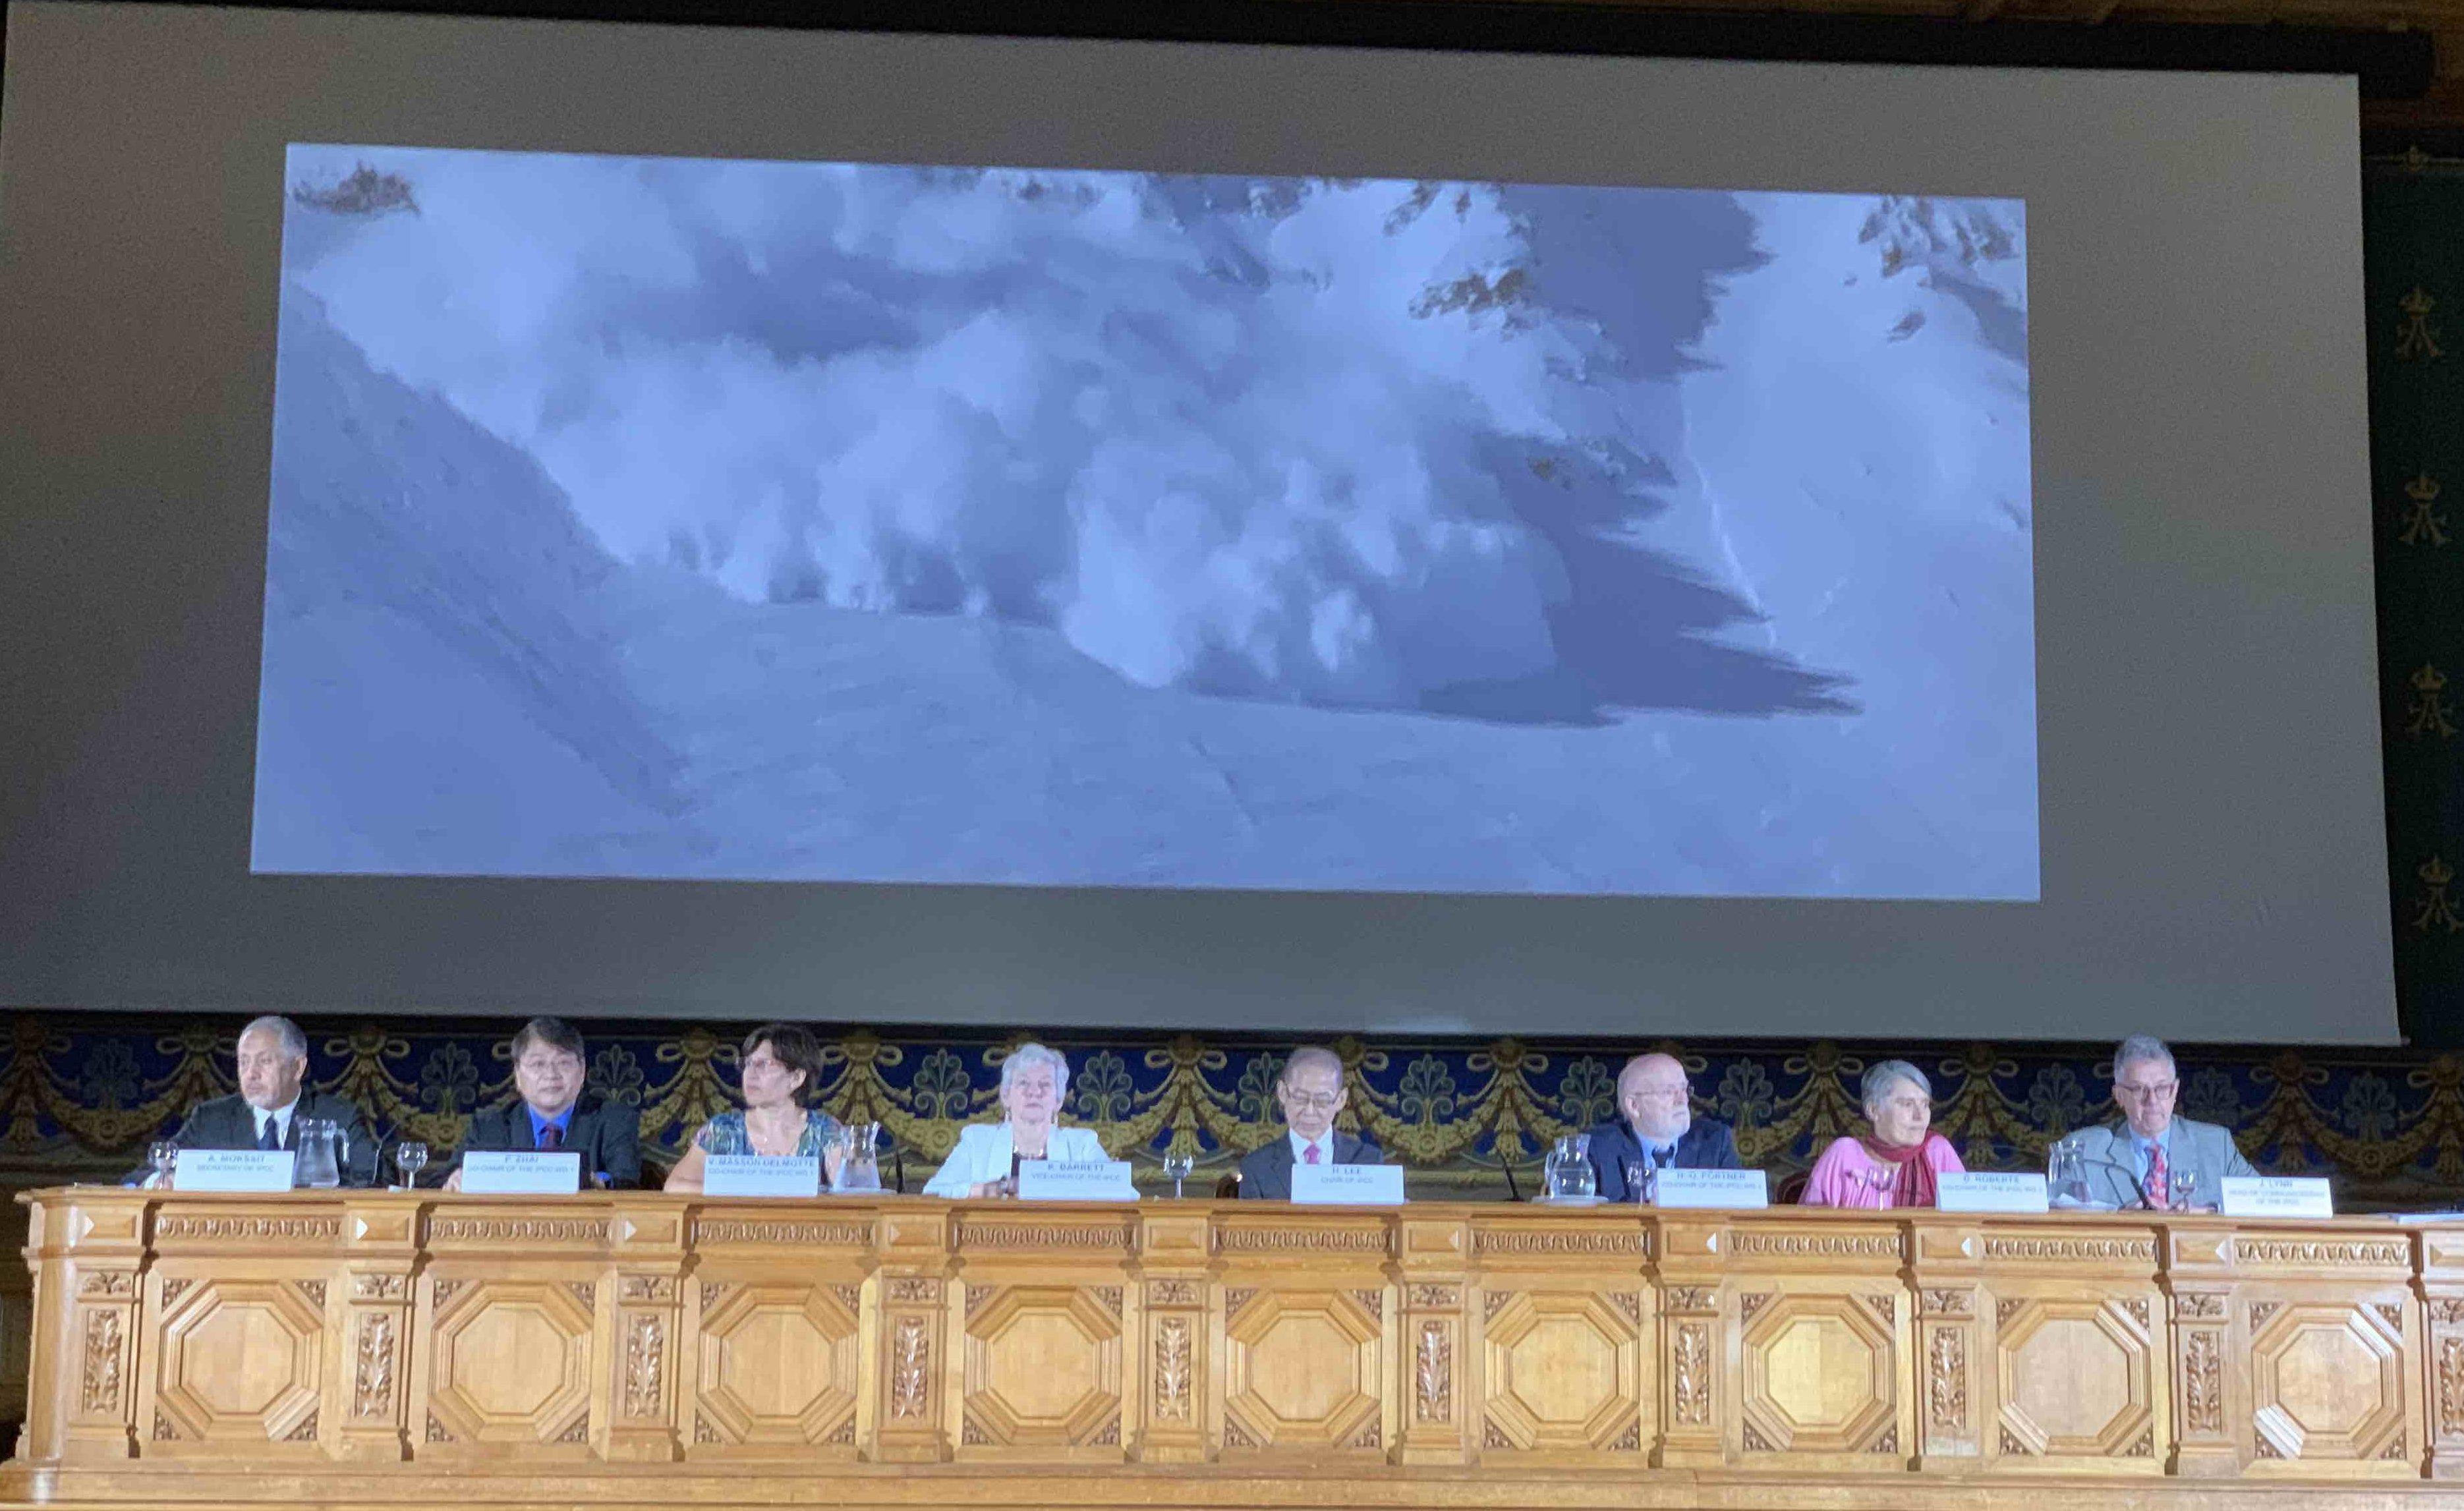 IPCC meets in Monaco